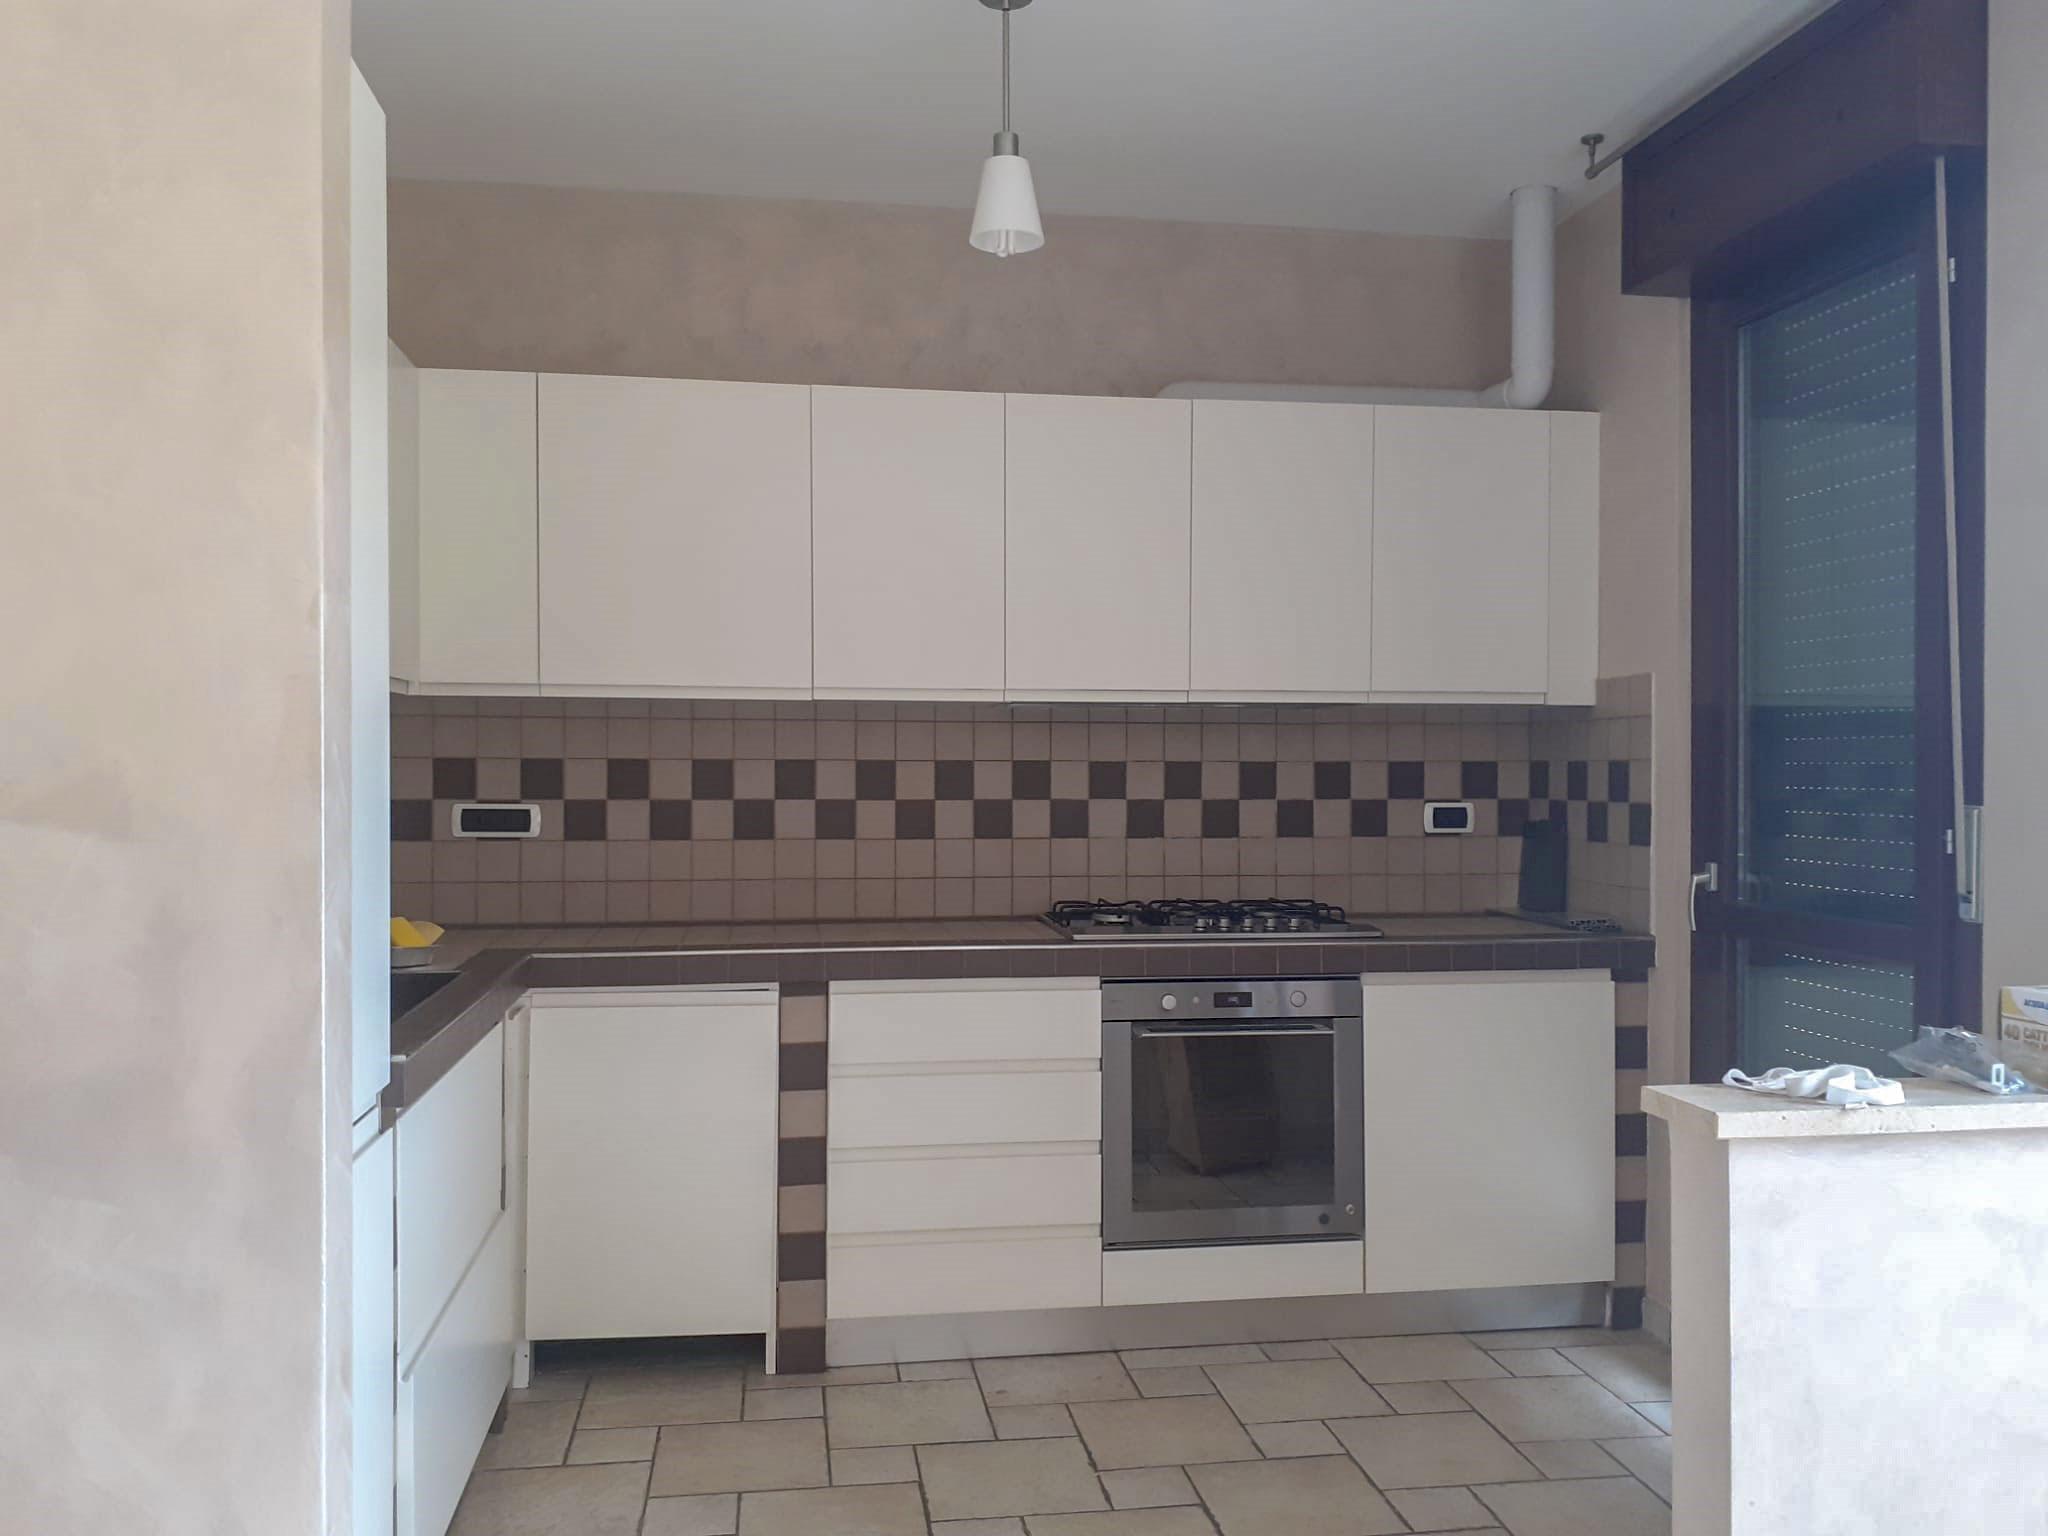 Appartamento recente costruzione con terrazzo abitabile, Villa Potenza-Macerata